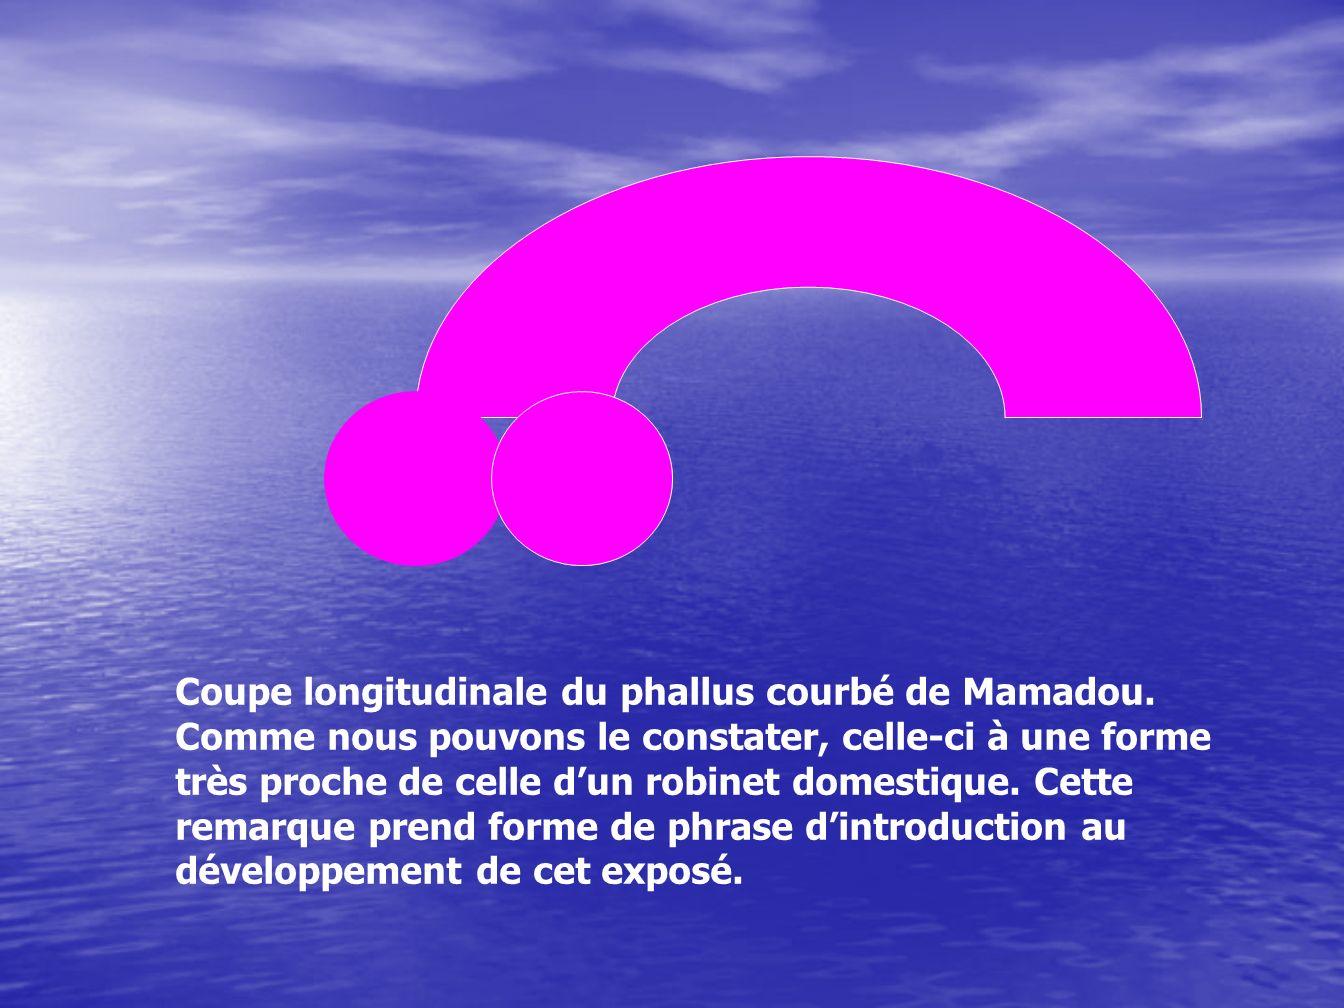 Coupe longitudinale du phallus courbé de Mamadou